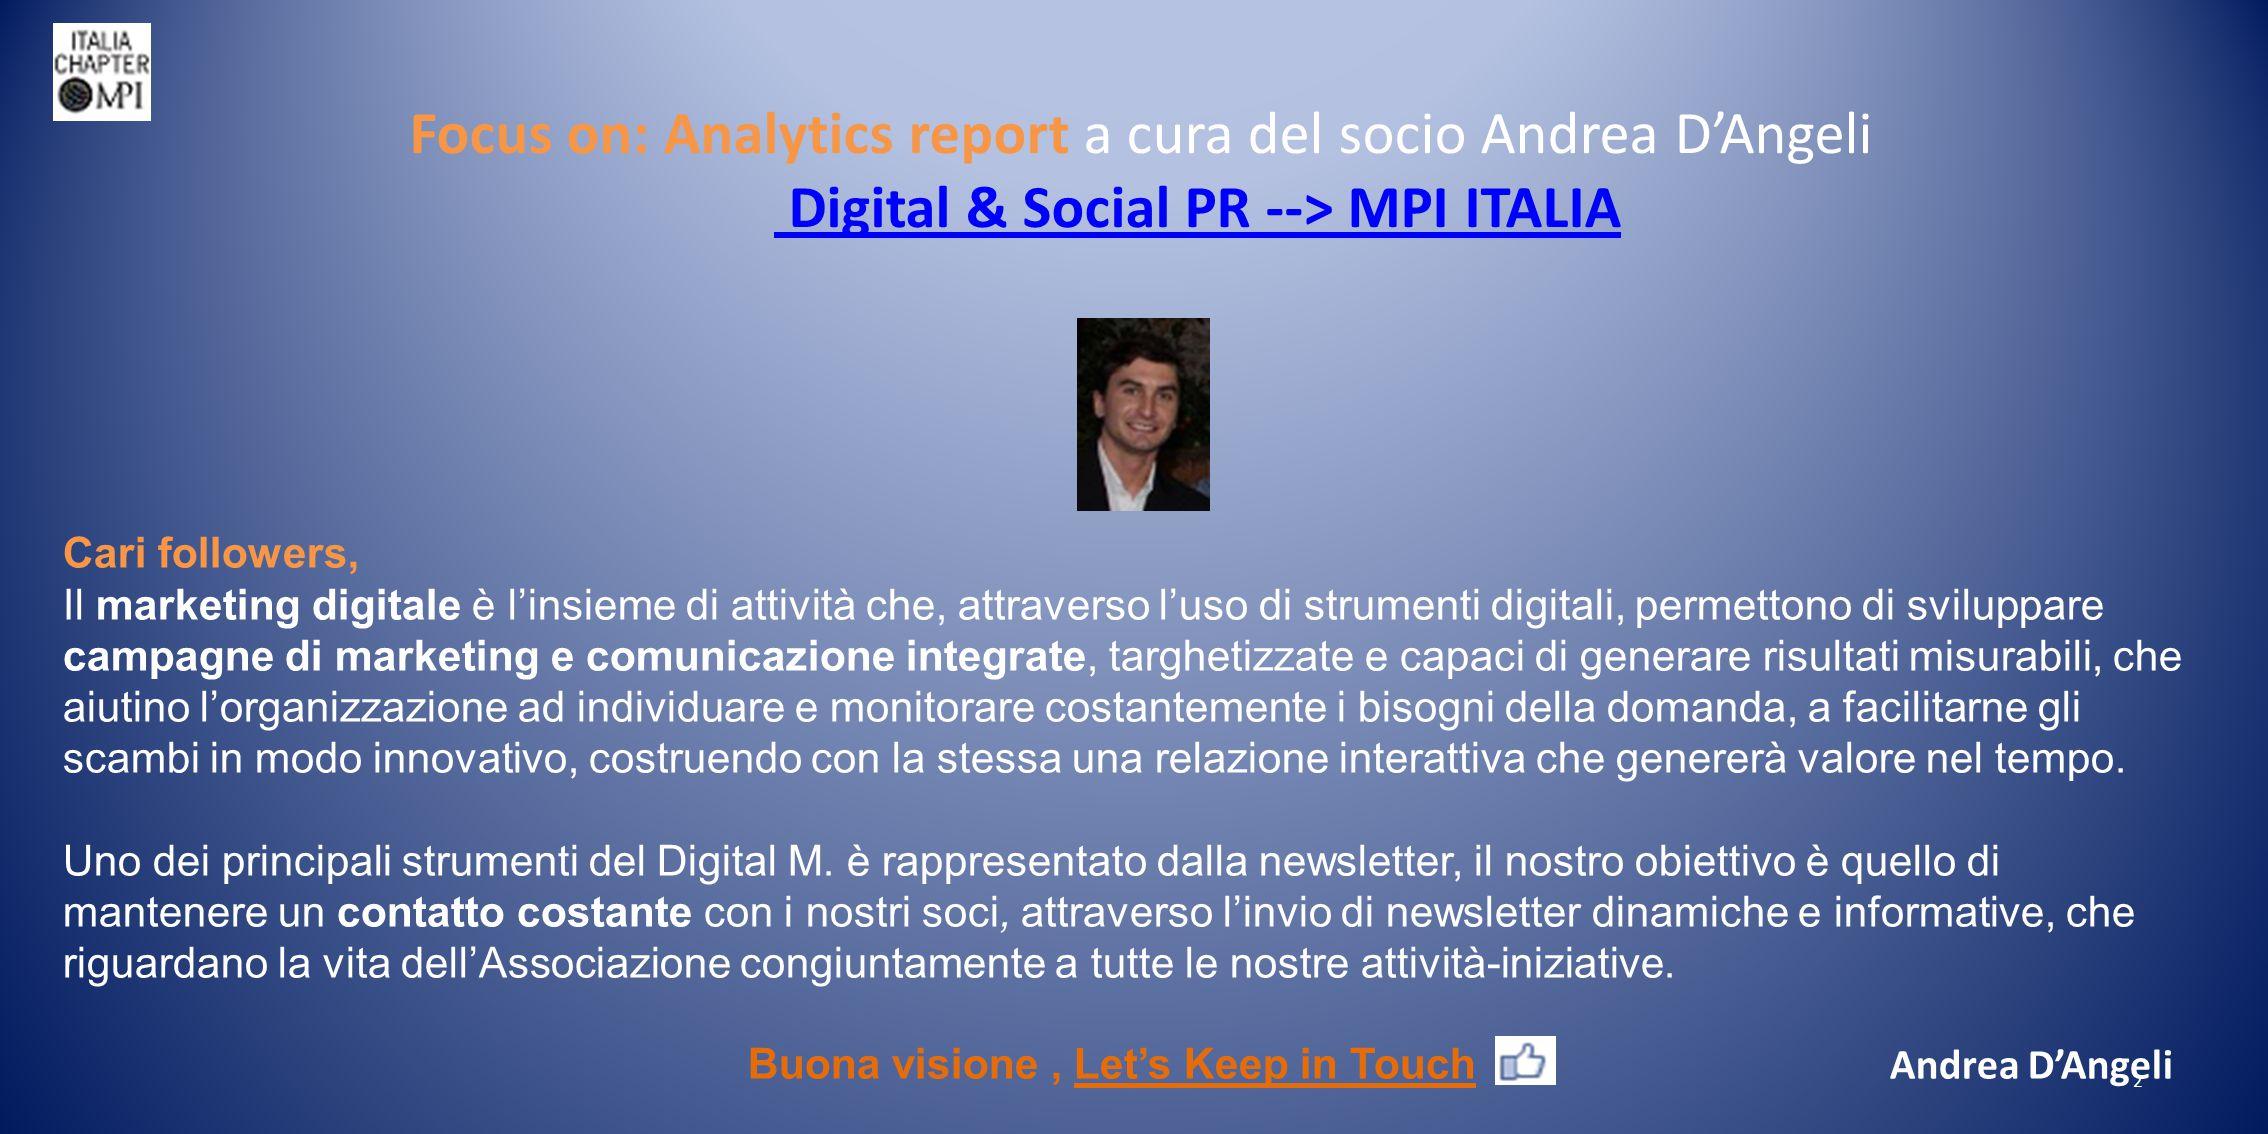 Focus on: Analytics report a cura del socio Andrea D'Angeli Digital & Social PR --> MPI ITALIA Digital & Social PR --> MPI ITALIA 2 Cari followers, Il marketing digitale è l'insieme di attività che, attraverso l'uso di strumenti digitali, permettono di sviluppare campagne di marketing e comunicazione integrate, targhetizzate e capaci di generare risultati misurabili, che aiutino l'organizzazione ad individuare e monitorare costantemente i bisogni della domanda, a facilitarne gli scambi in modo innovativo, costruendo con la stessa una relazione interattiva che genererà valore nel tempo.